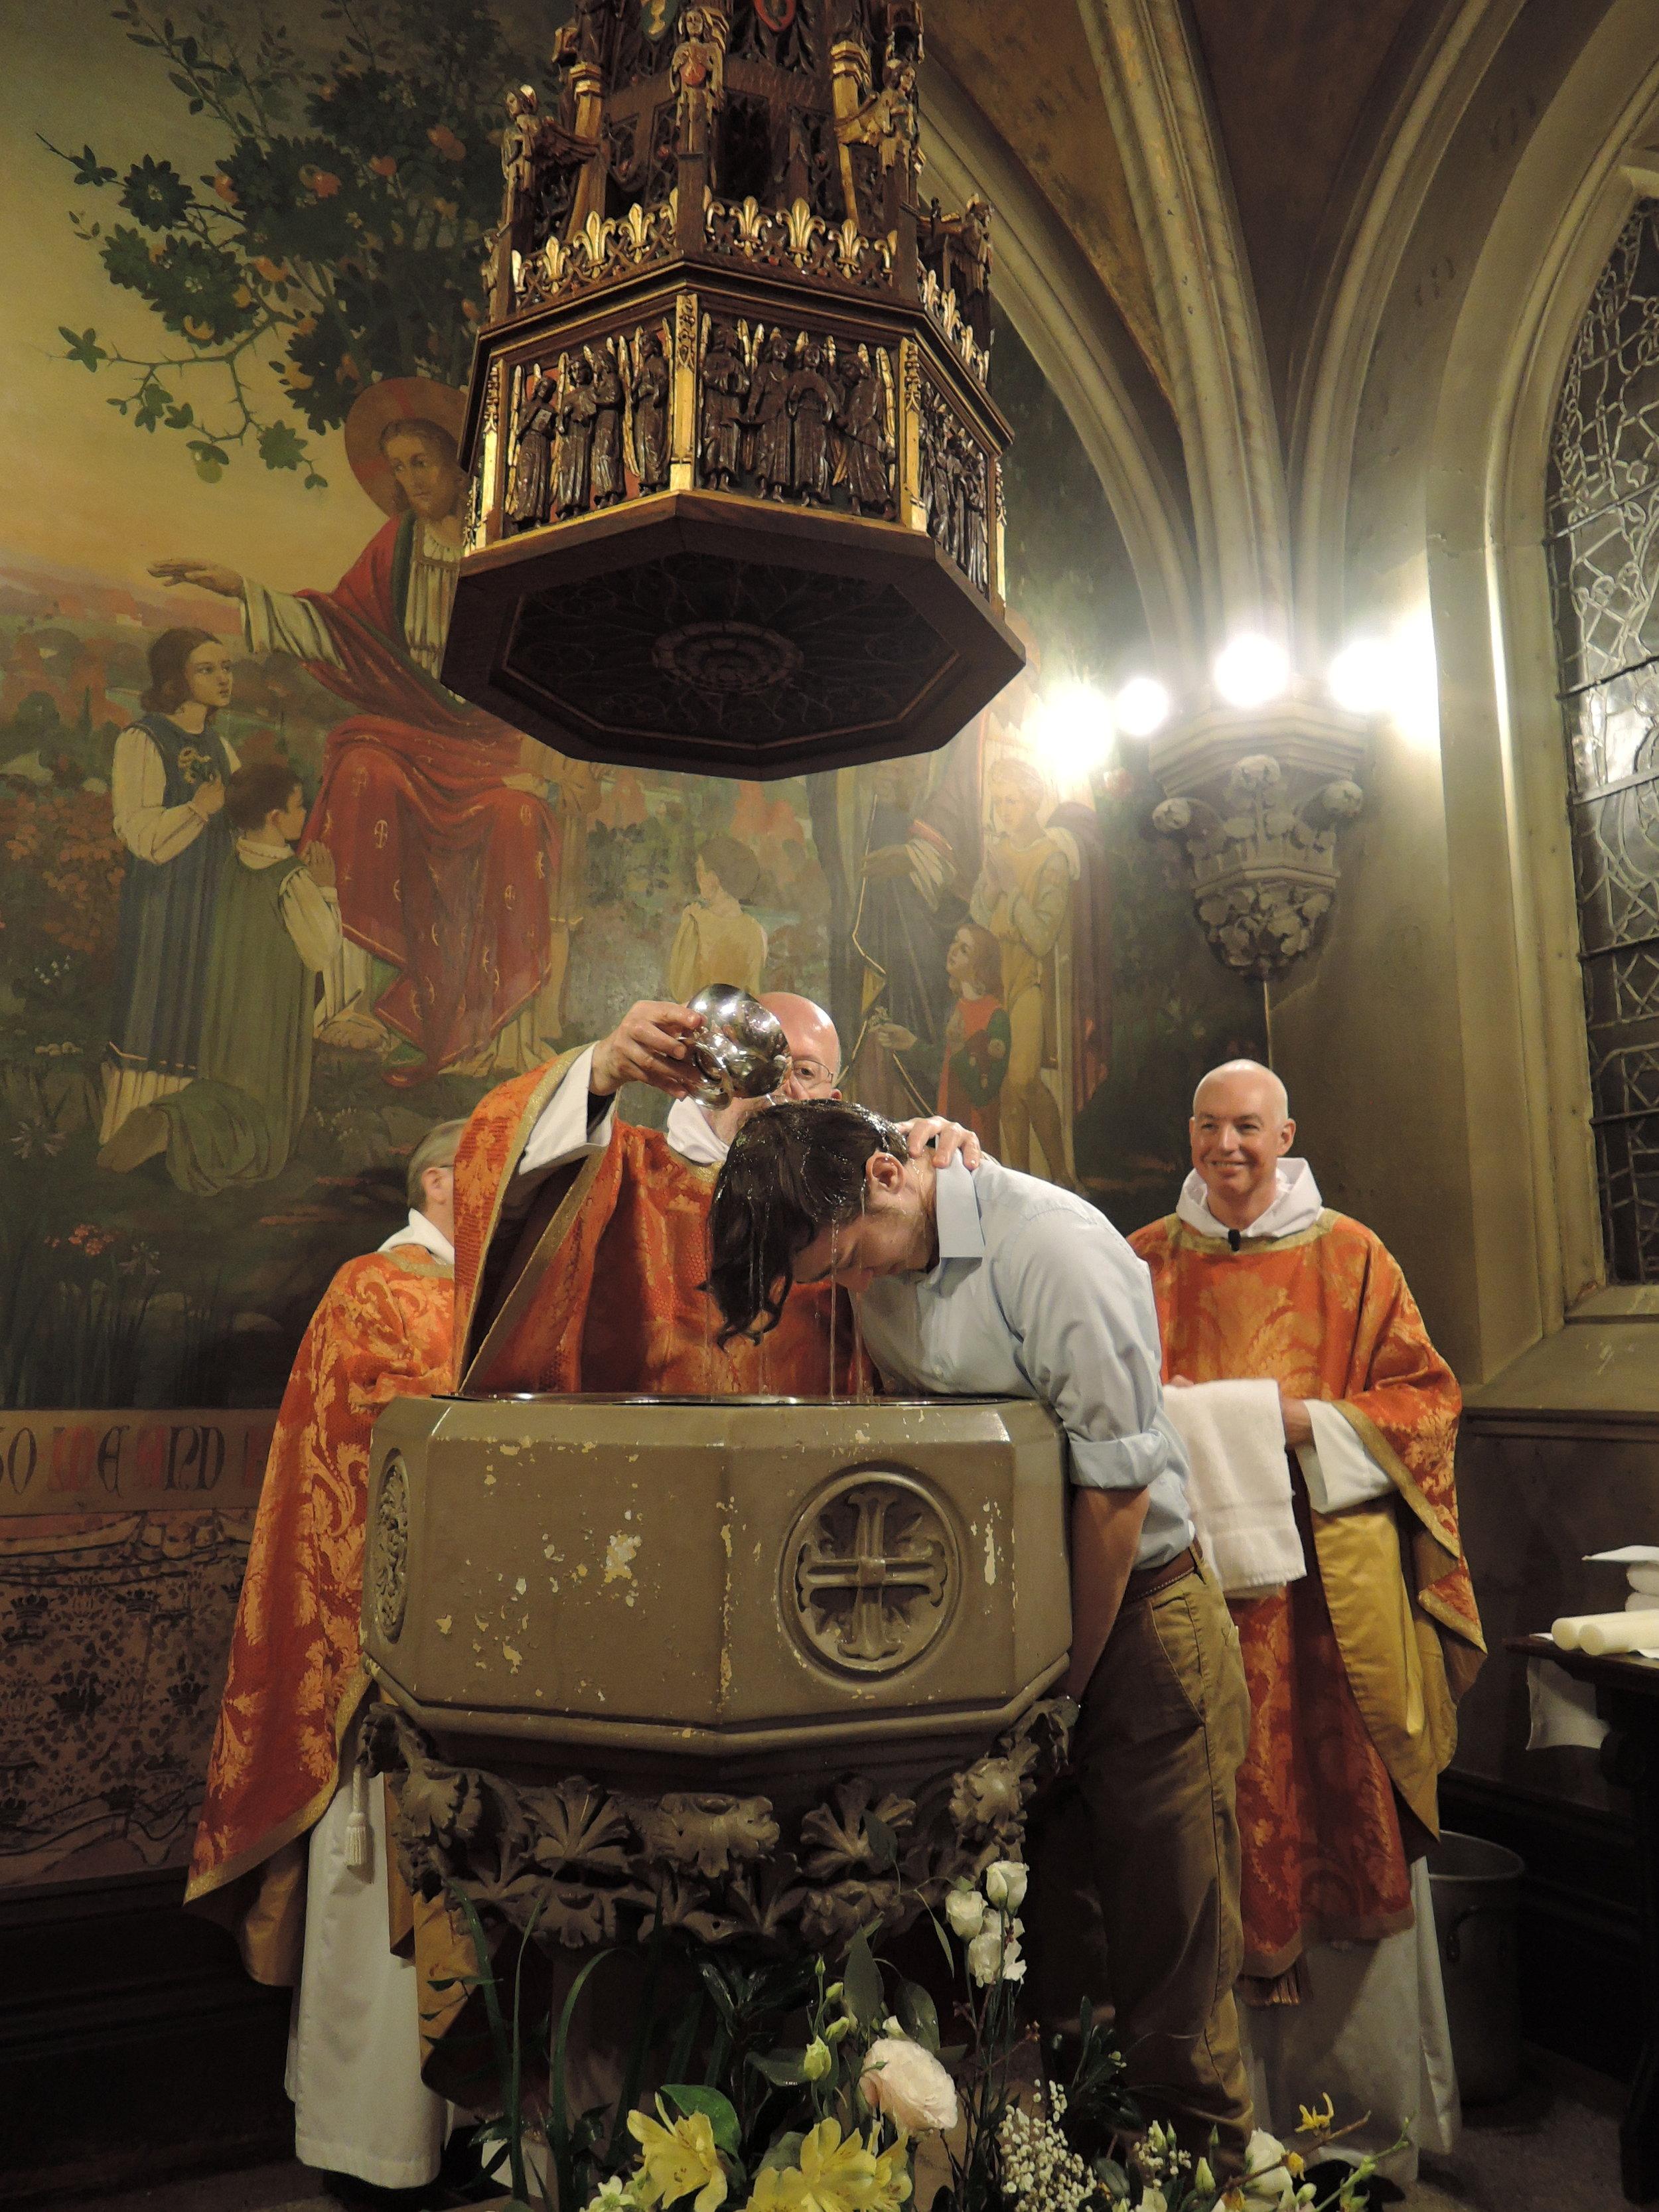 Father Smith baptizes Rami.